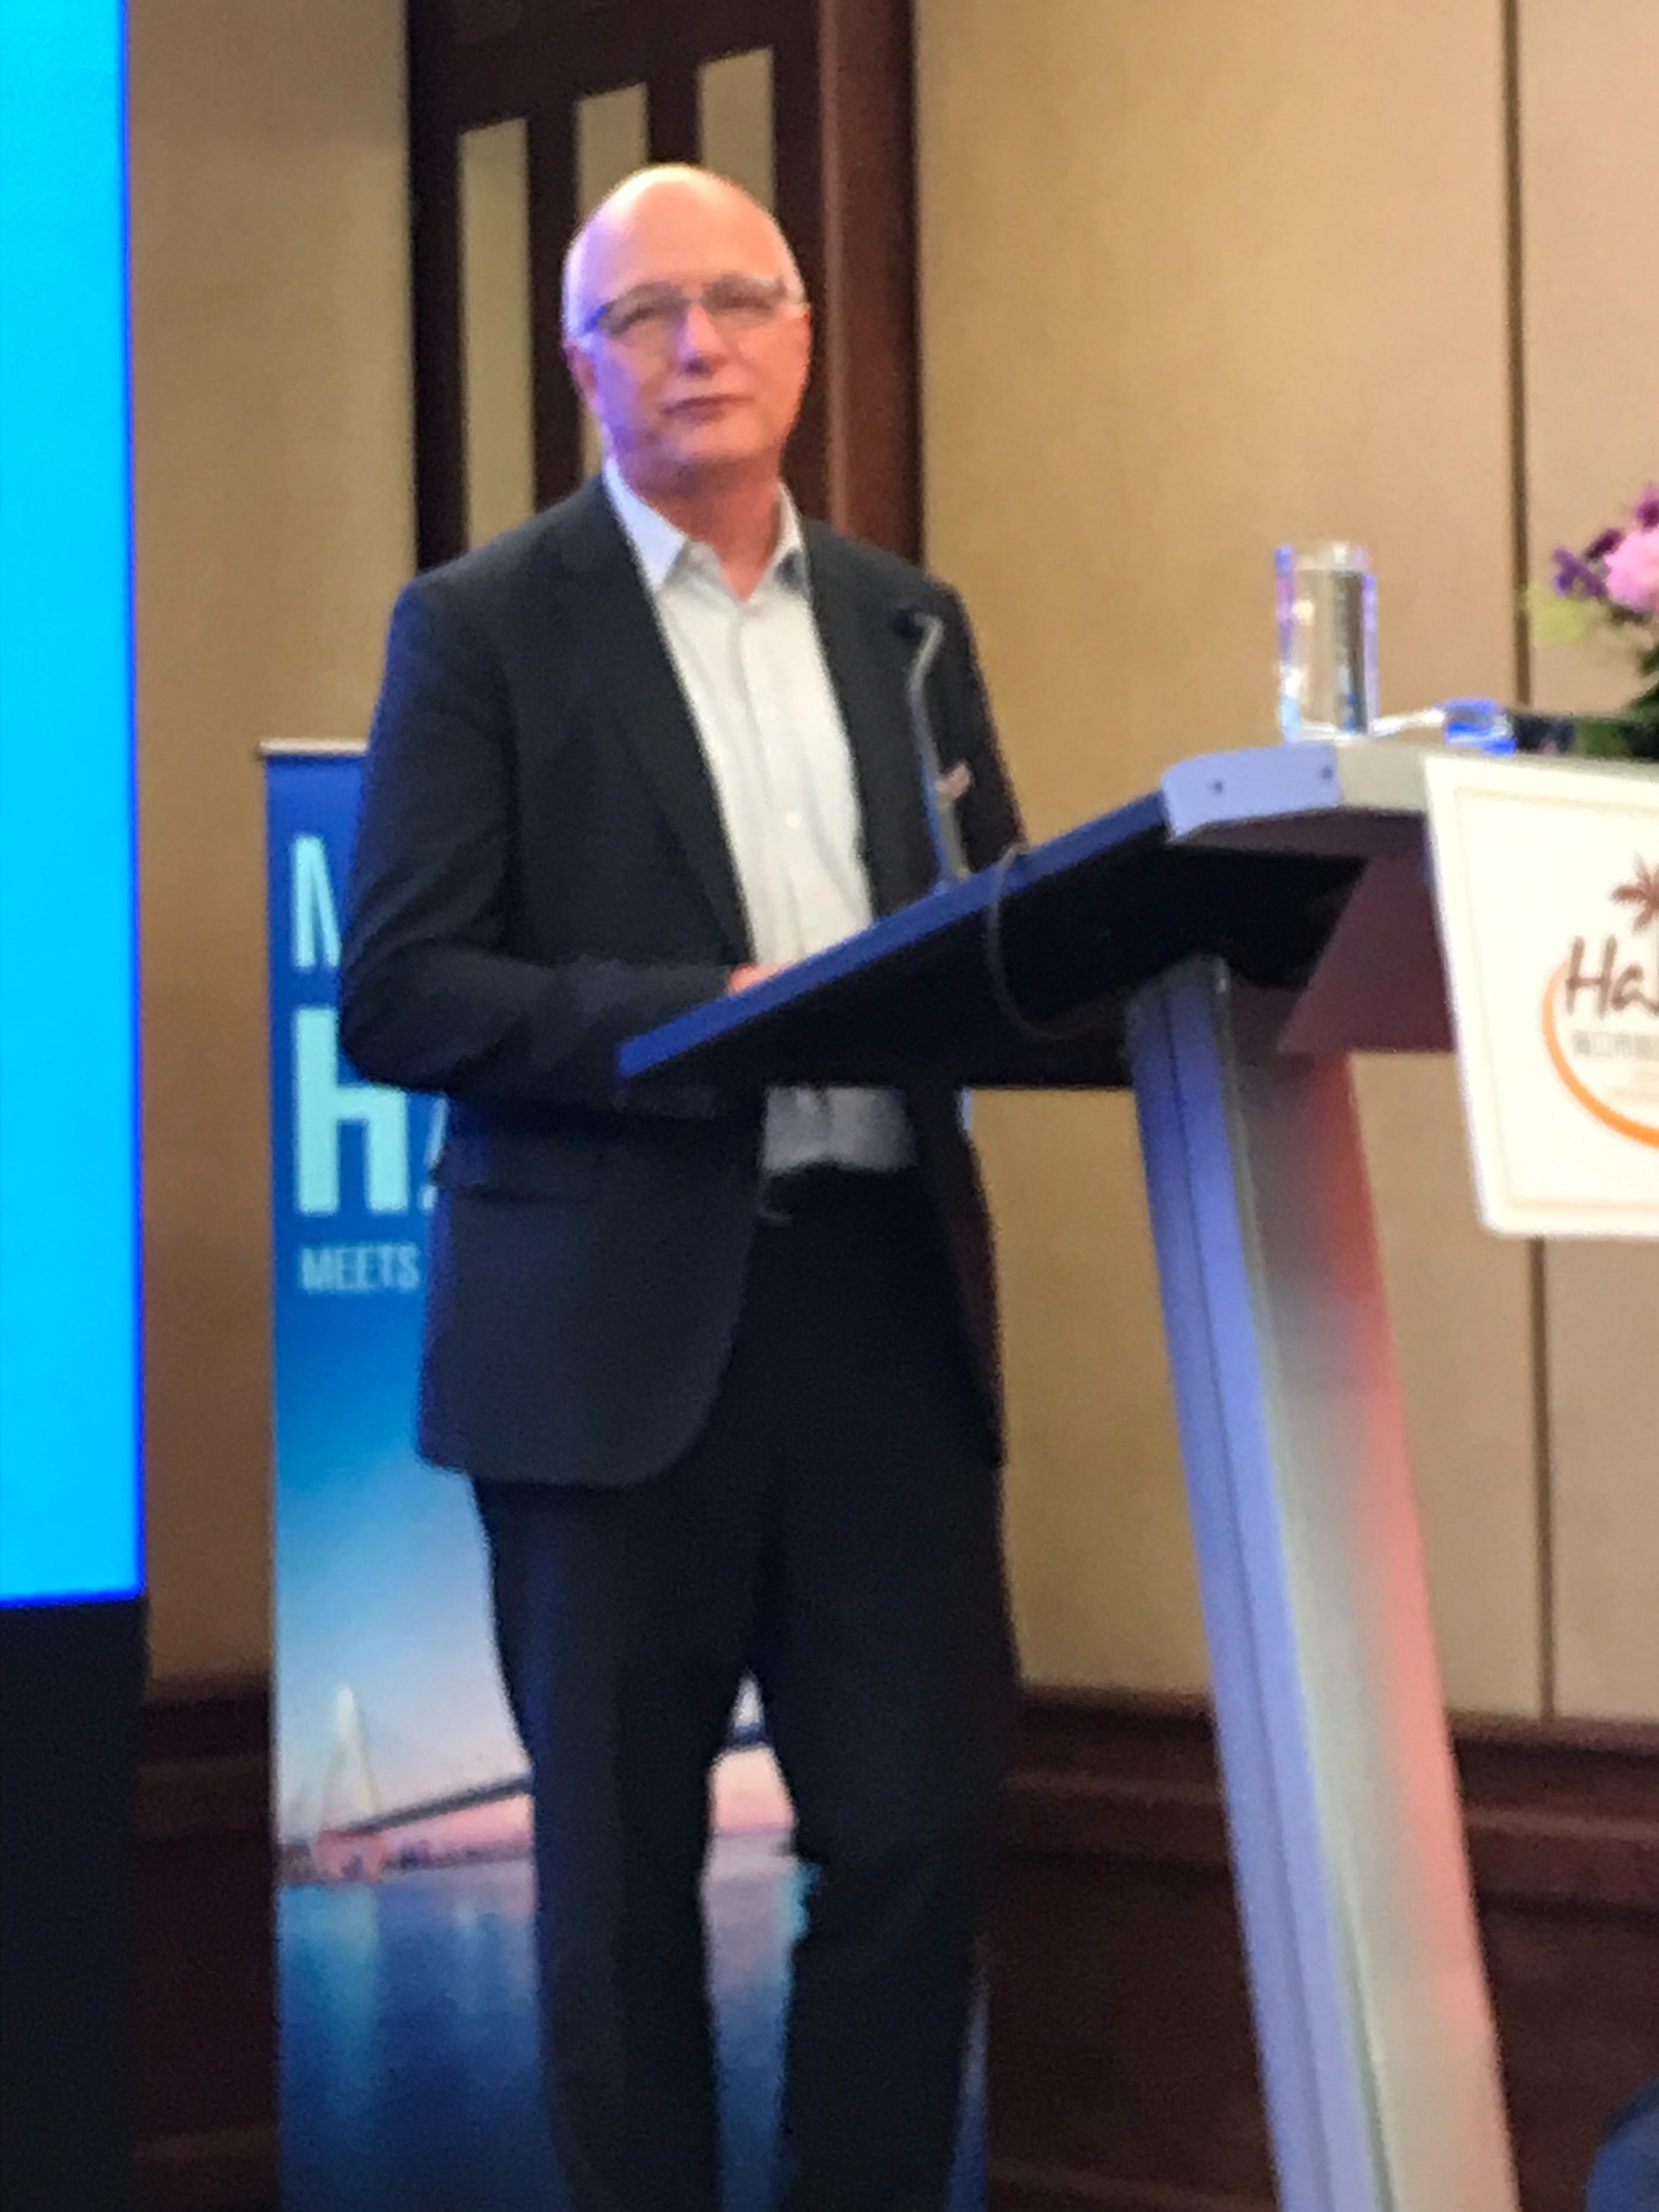 Chinareisen-Experte Jürgen Kremer (CTH) erläuterte aus eigenem Erleben die Attraktivität Haikous